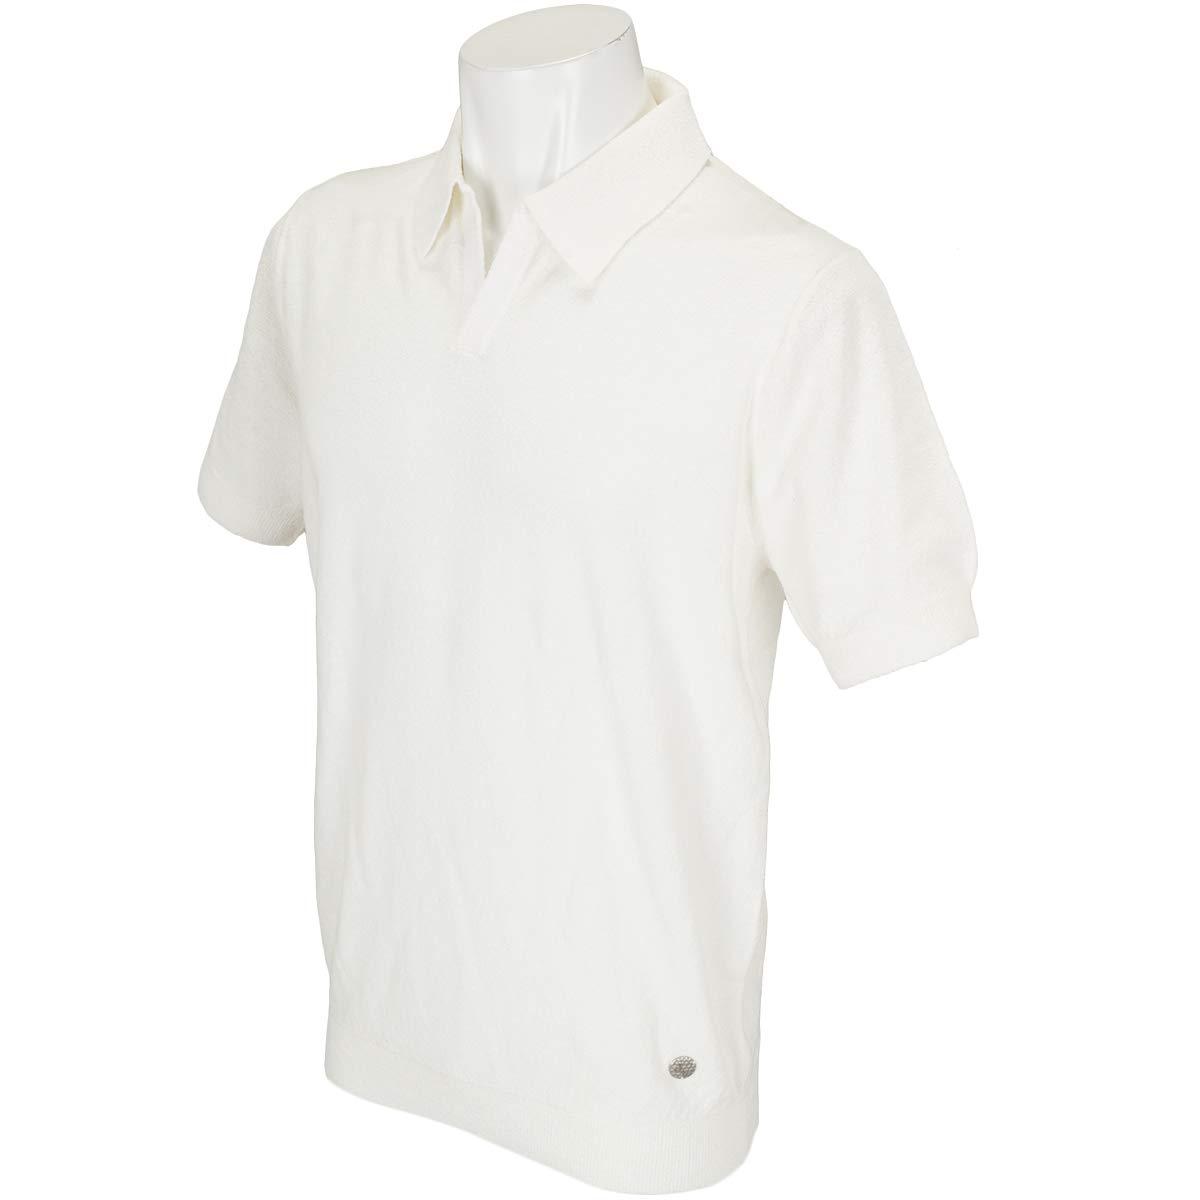 JWO ジェイダブルオー 半袖シャツポロシャツ ブークレー半袖ニットポロシャツ B07PT9FR2C ホワイト LL